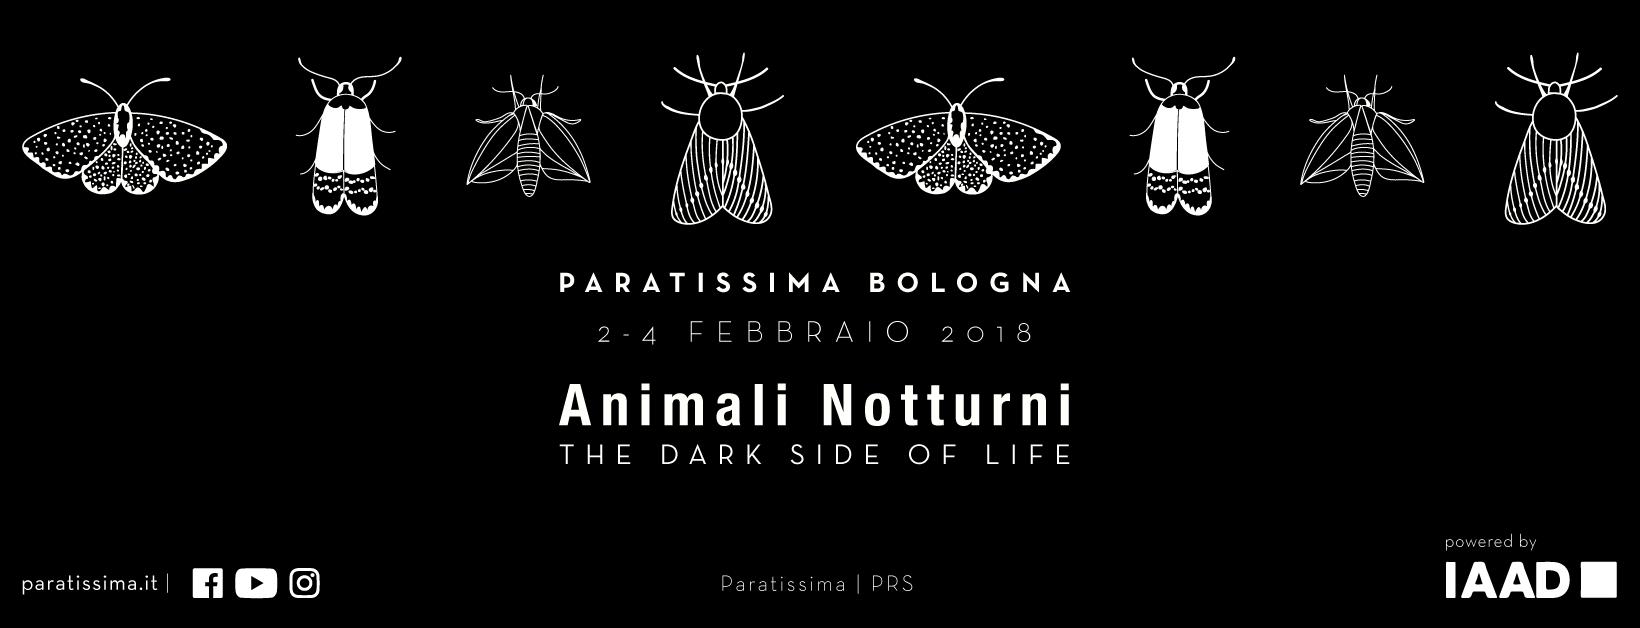 Paratissima Bologna